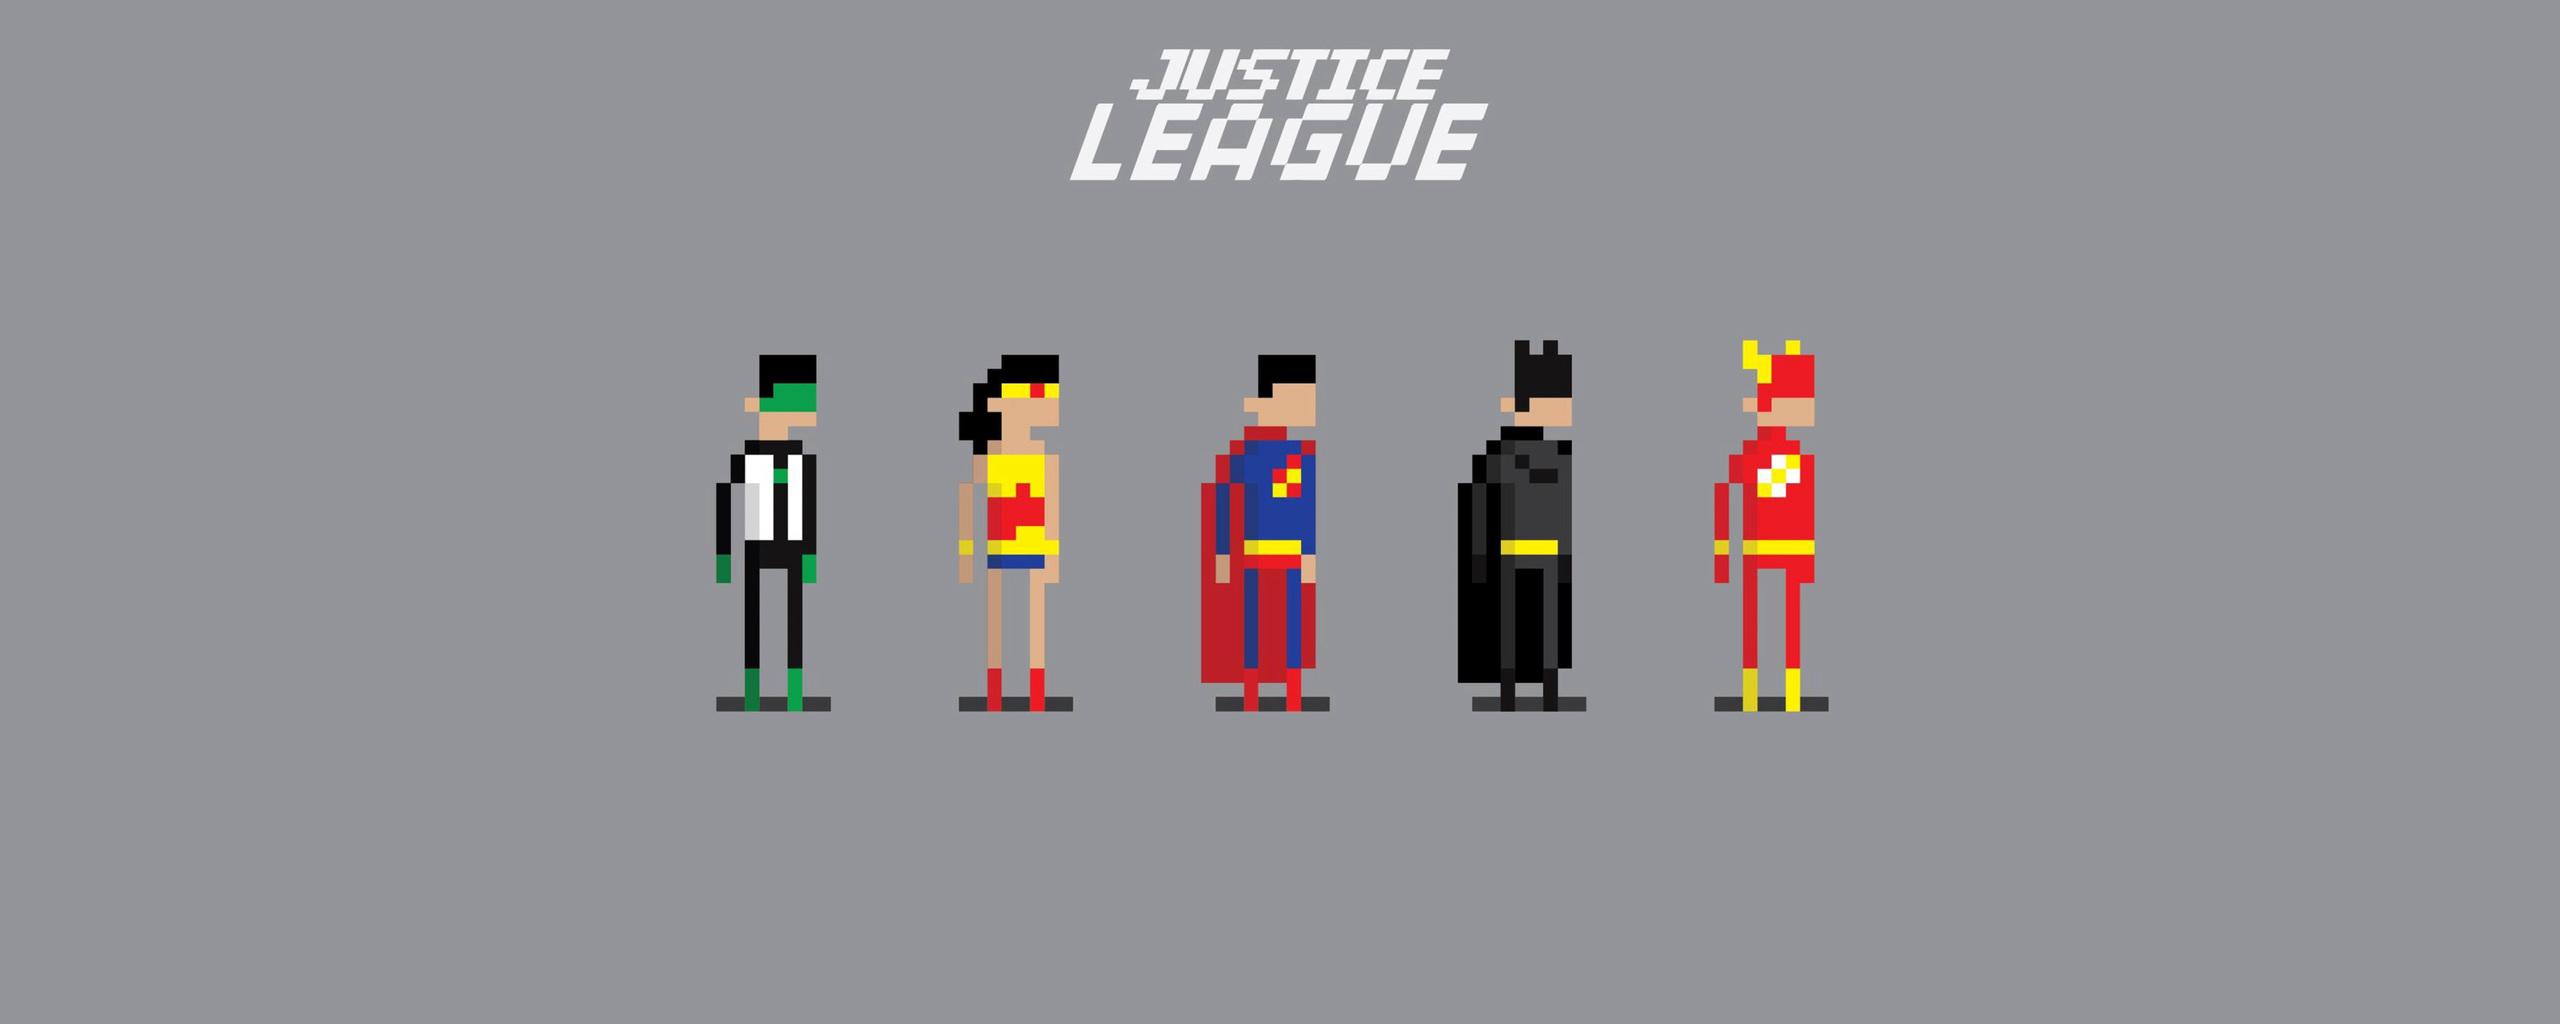 justice-league-8-bit-sd.jpg